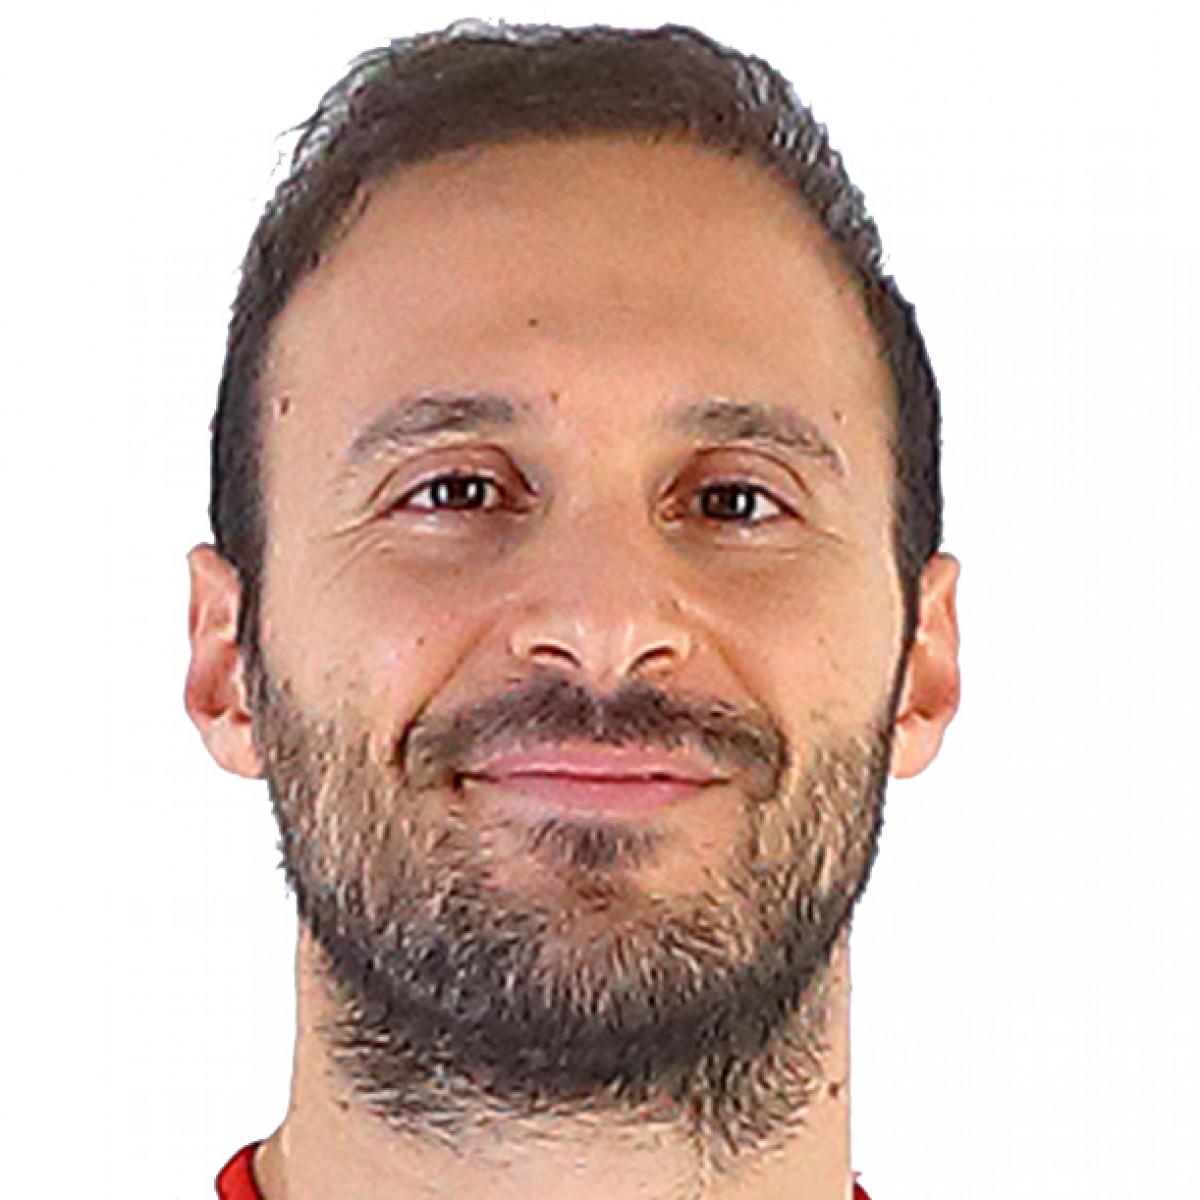 Jacopo Giachetti